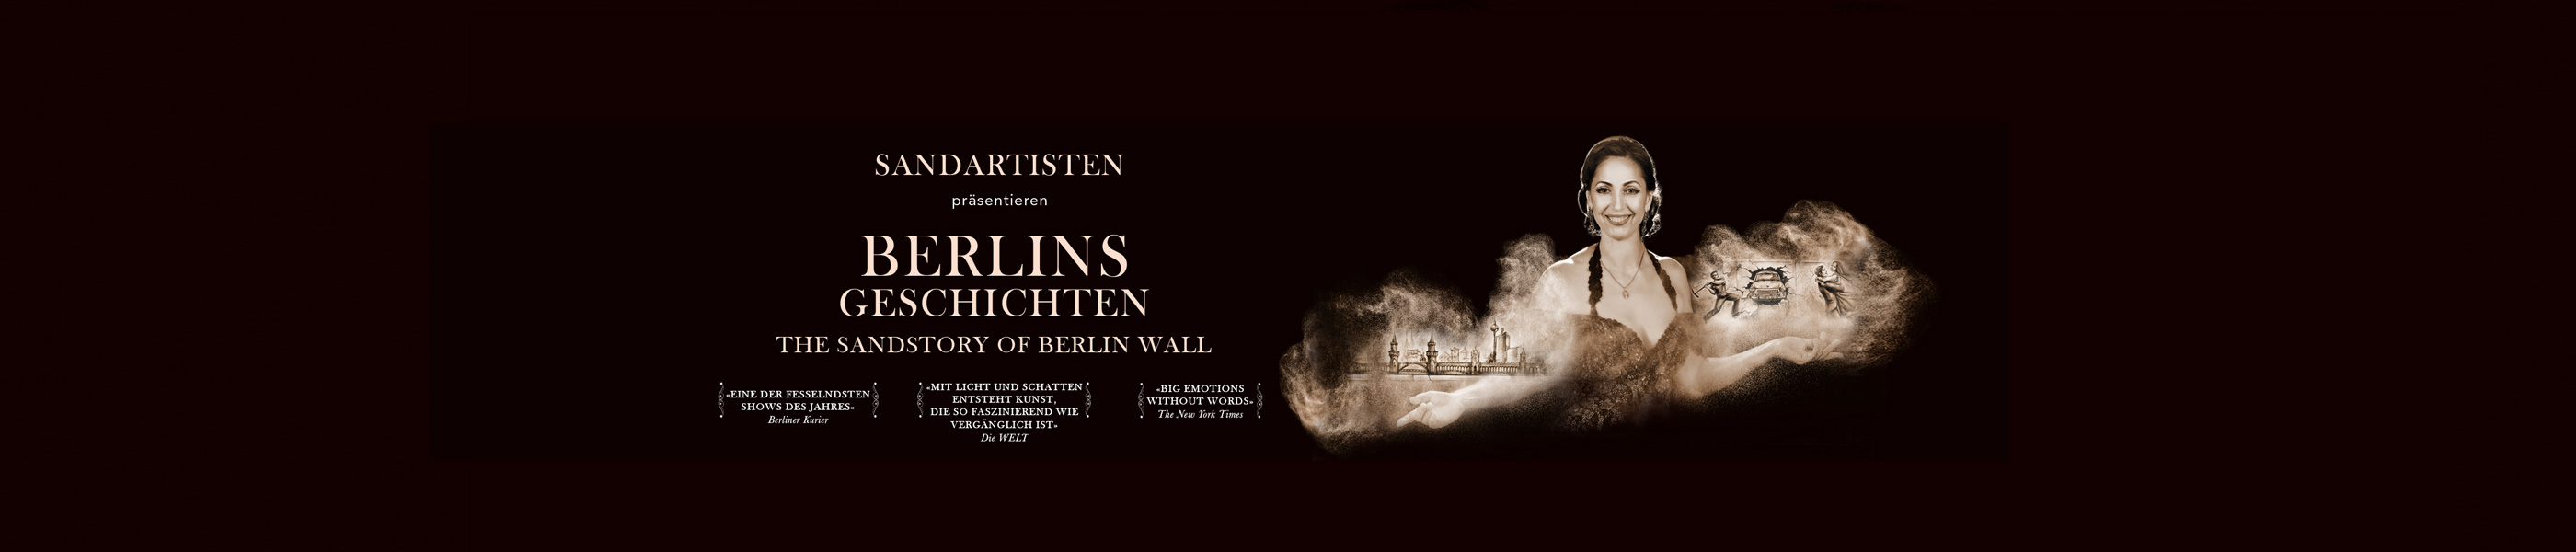 Sandartisten-Berlins-Geschichten